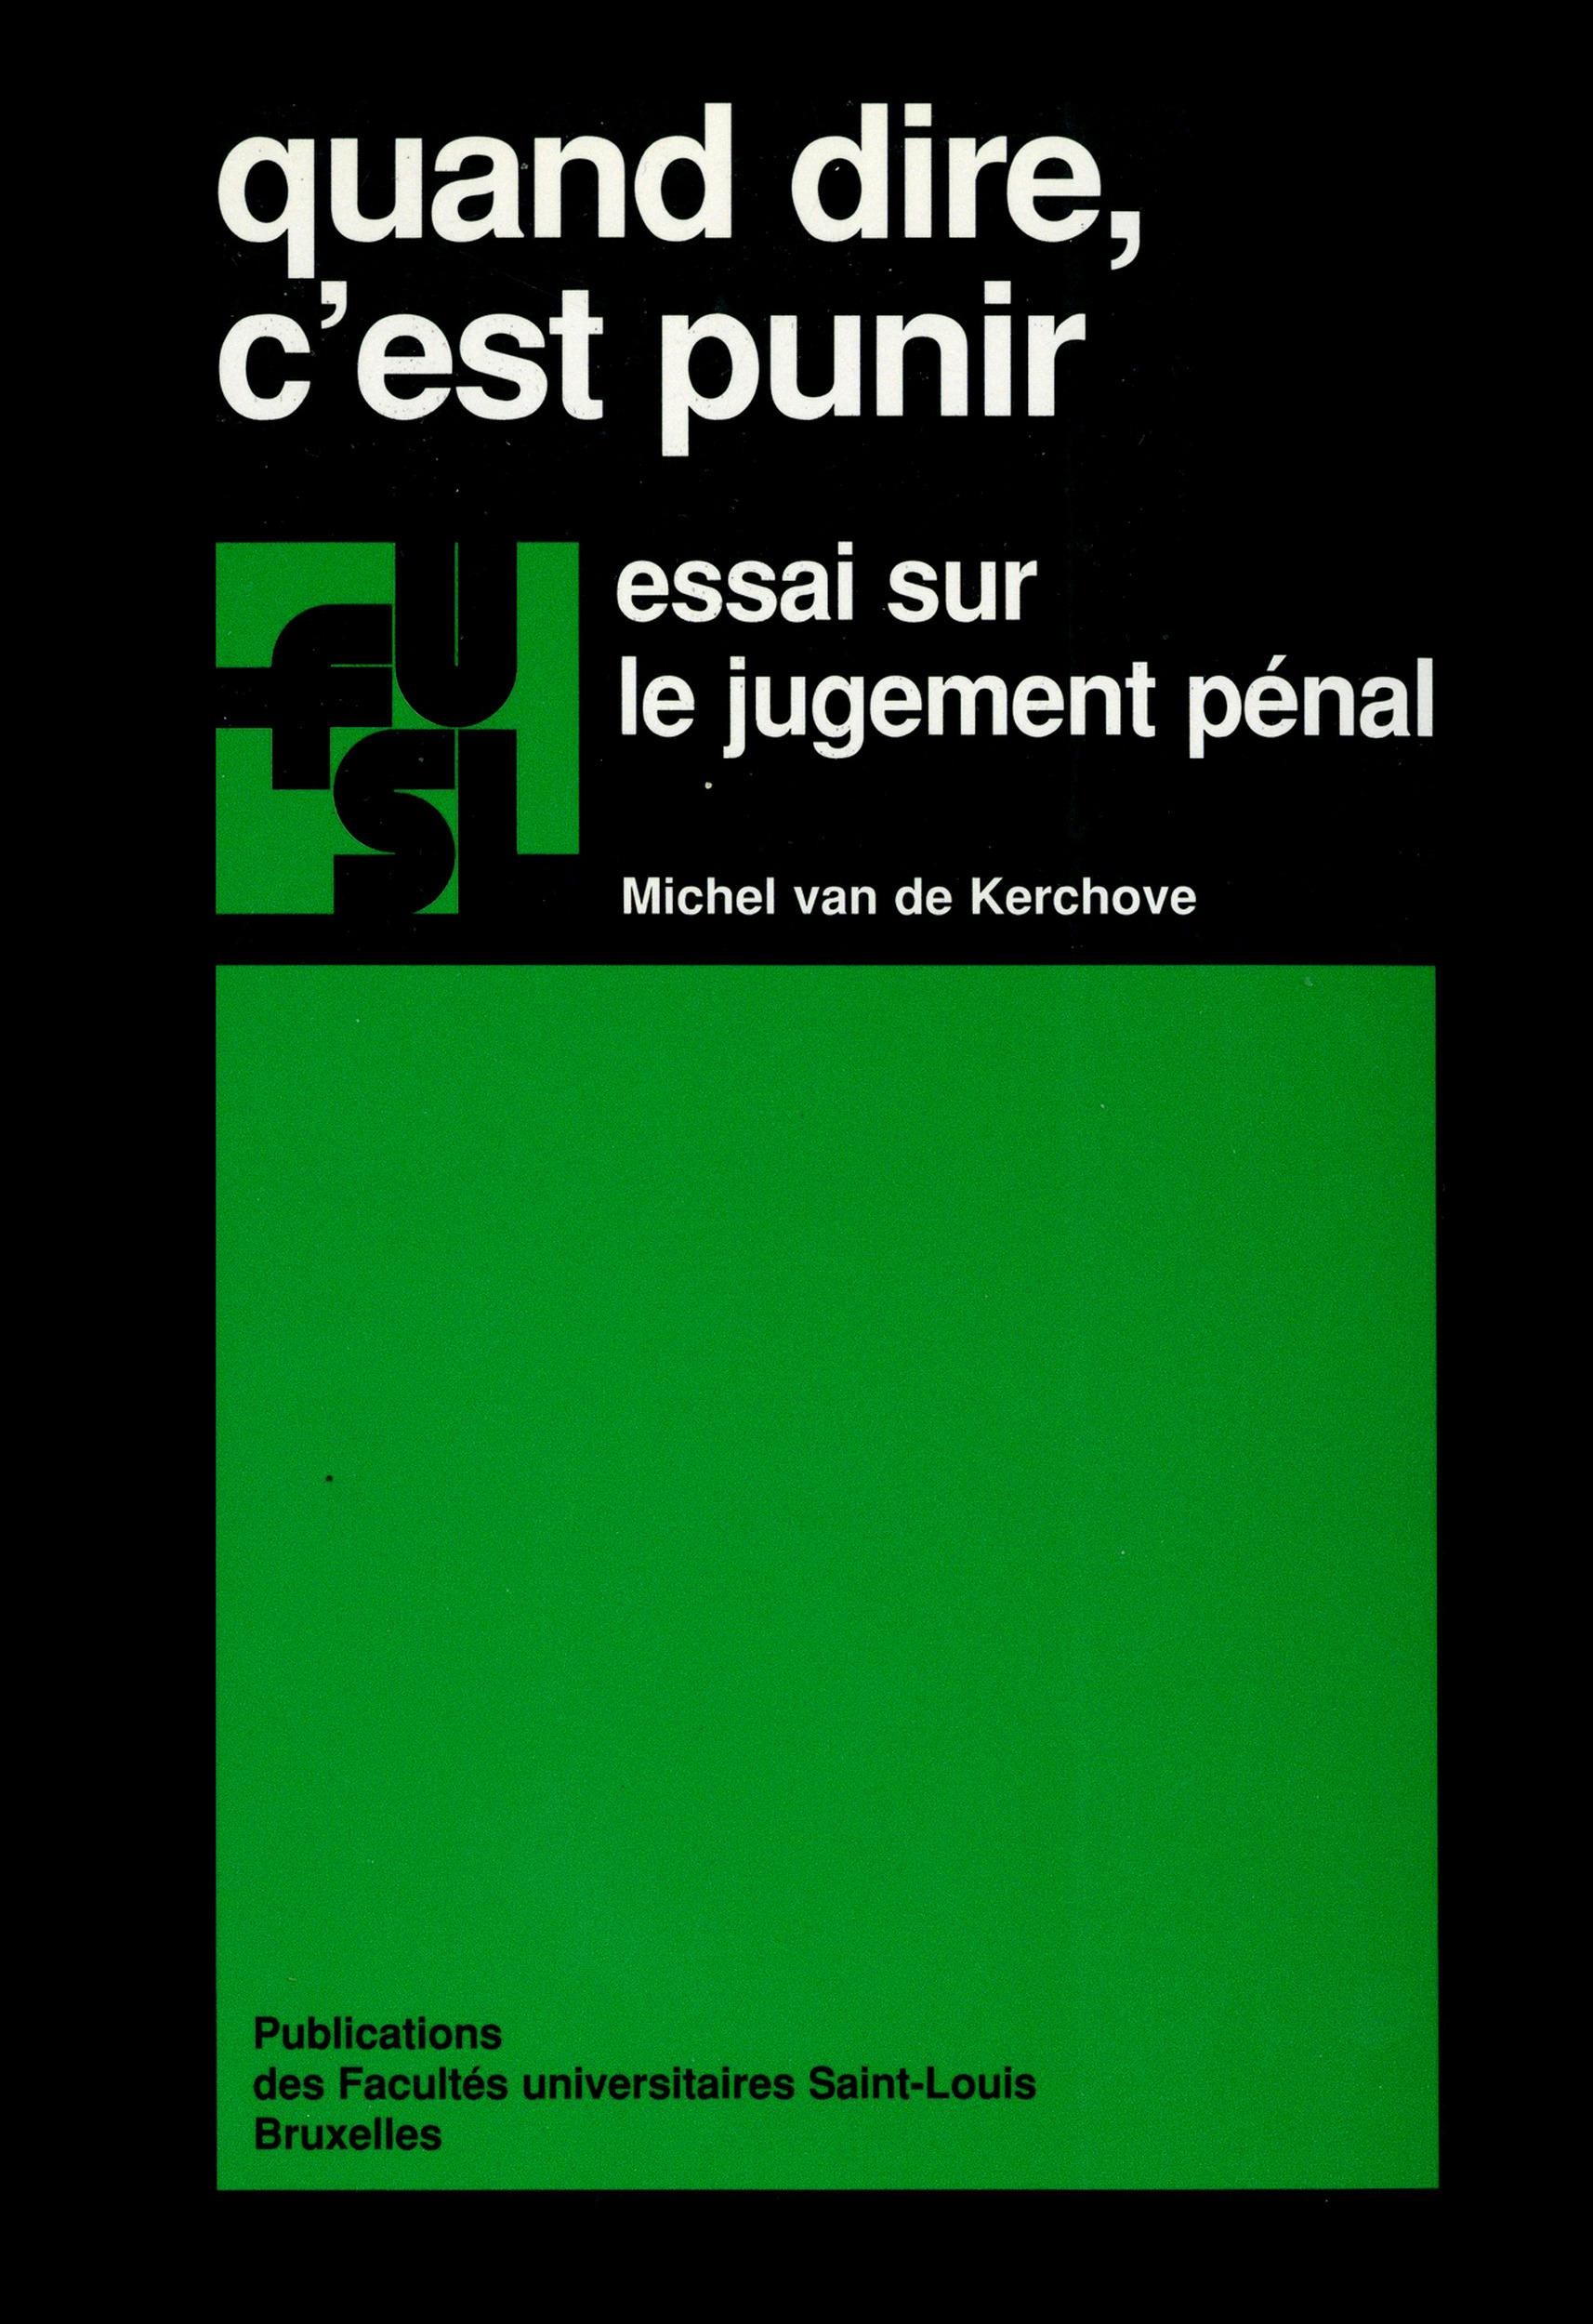 Quand dire, c'est punir : essai sur le jugement penal